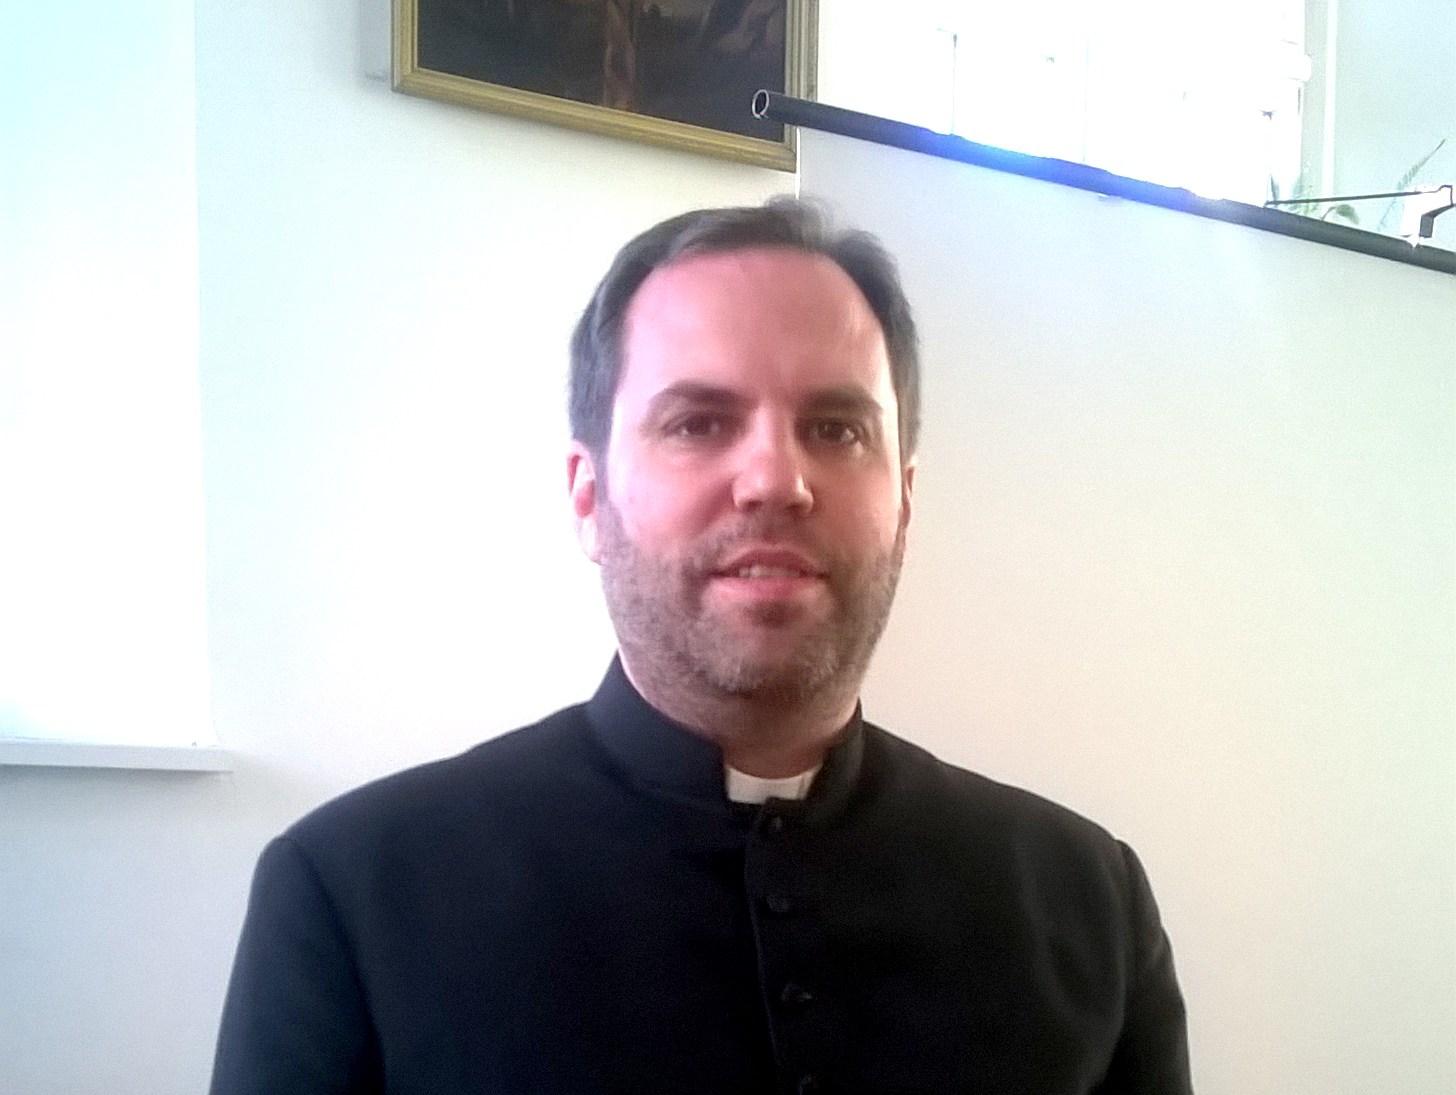 Ks. Michał Damazyn: Chcemy zapytać o świętość s. Heleny Majewskiej CSA